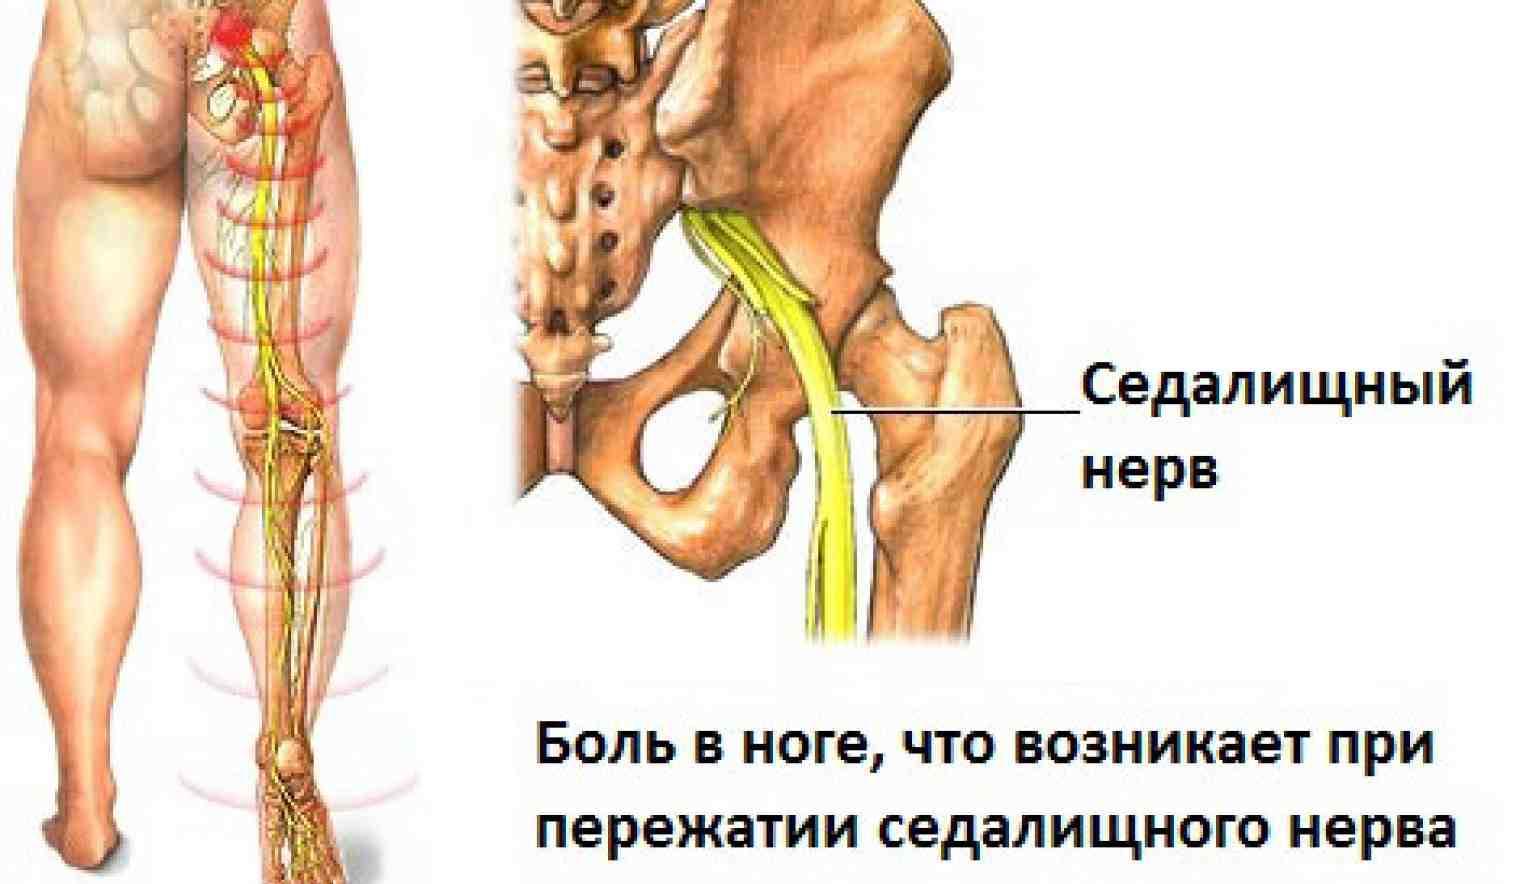 Защемило нерв в пояснице отдает в ногу как лечить